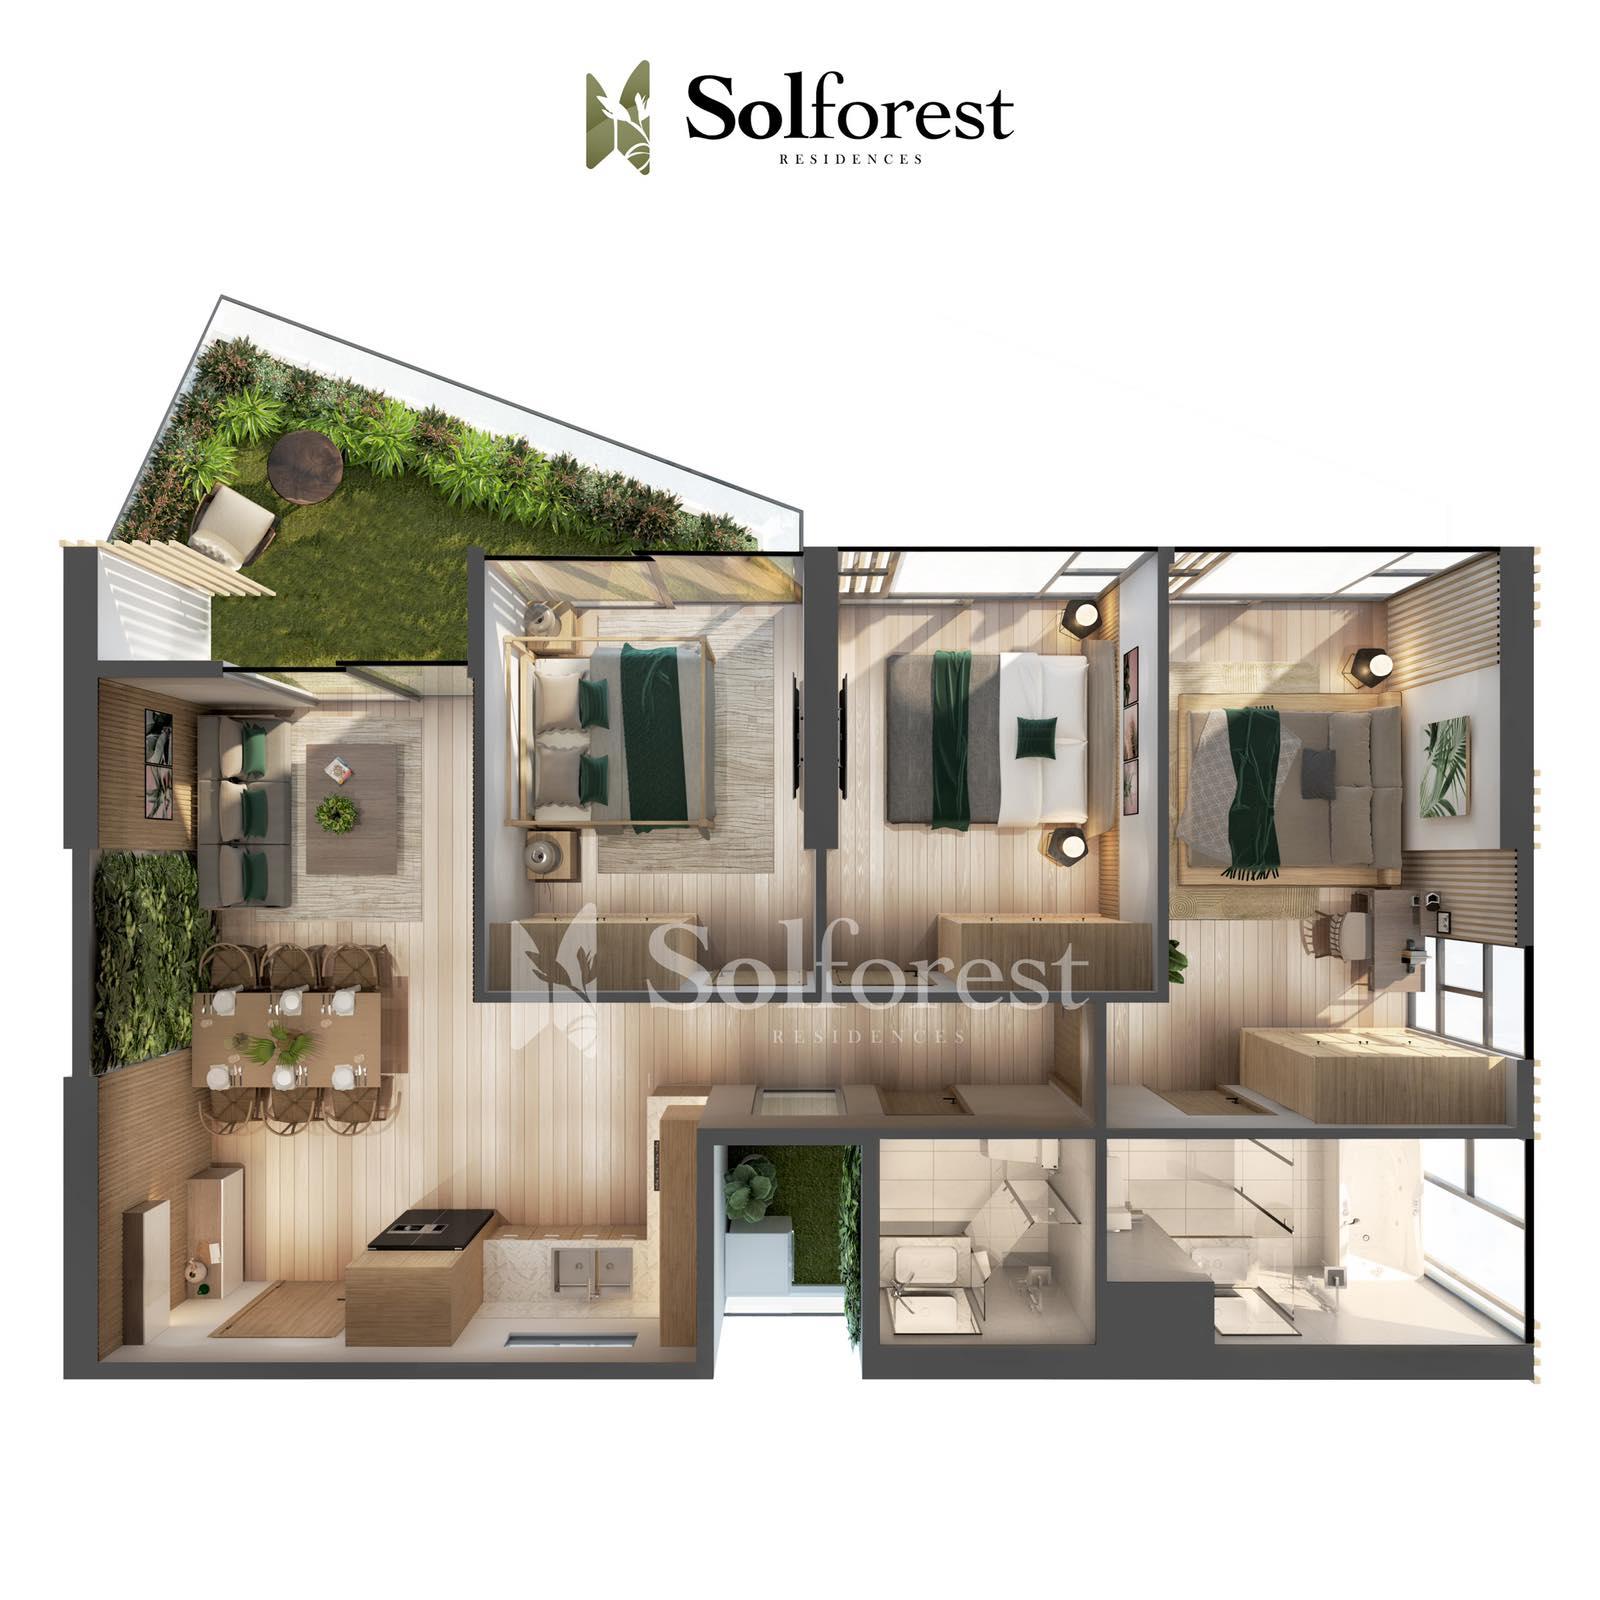 Căn hộ Sân Vườn 3 phòng Ngủ Solforest Ecopark-Điển hình 02